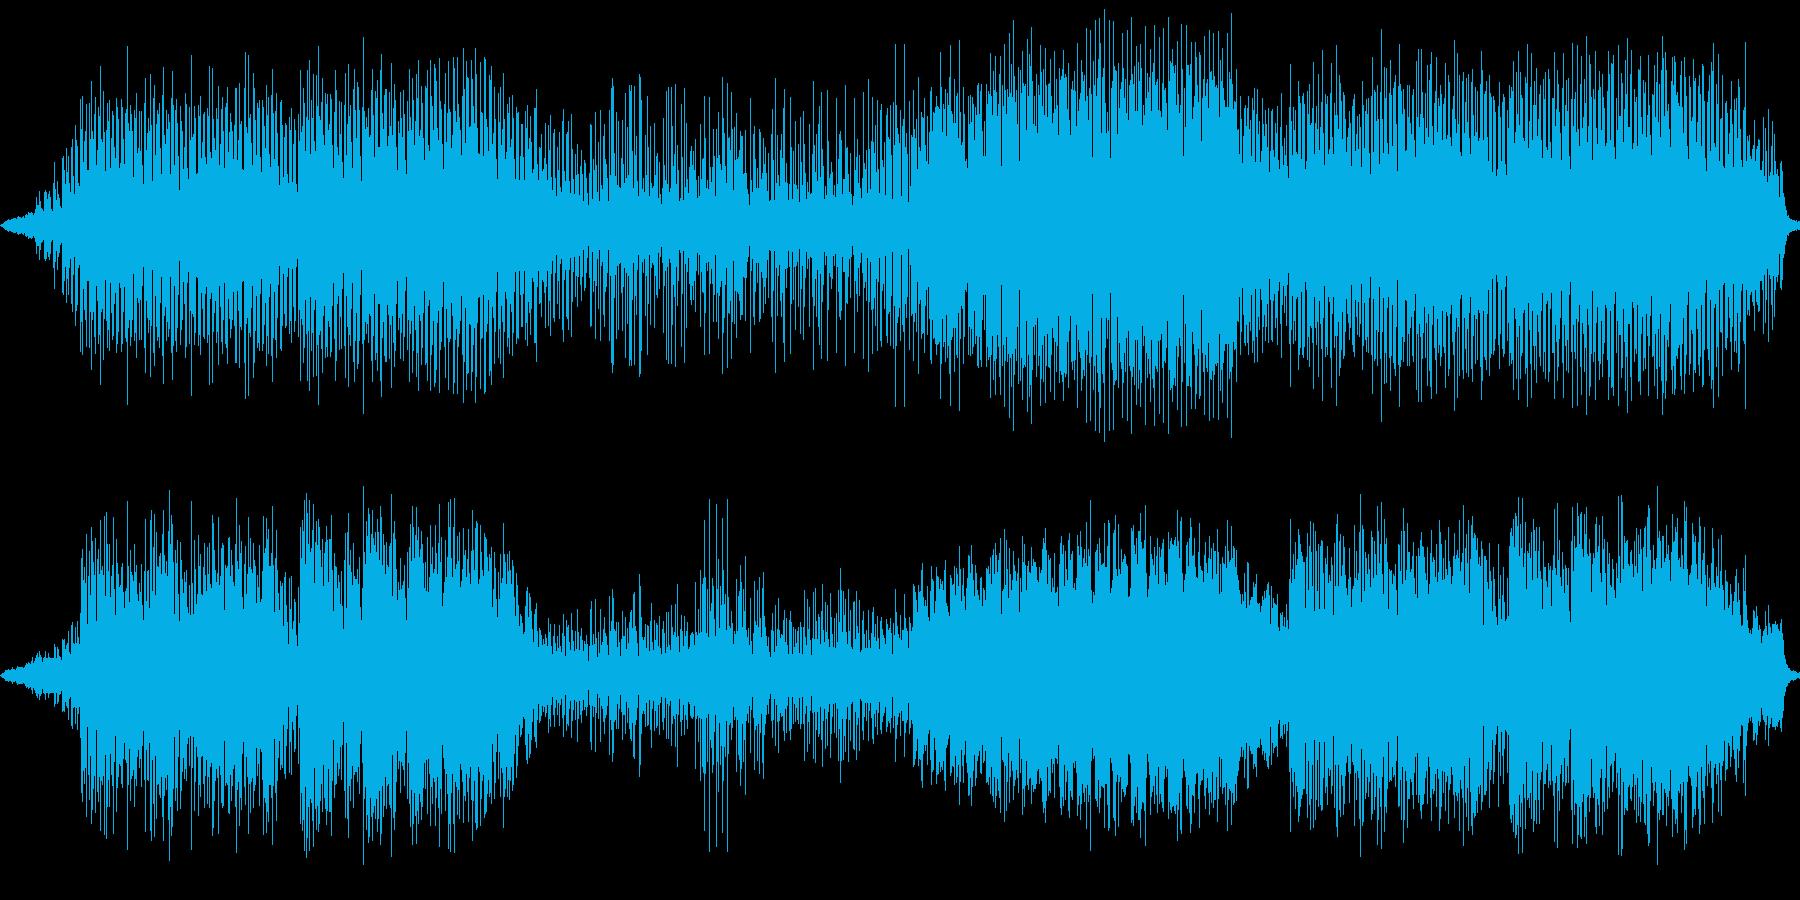 民族風の色々な感情の混じった曲の再生済みの波形